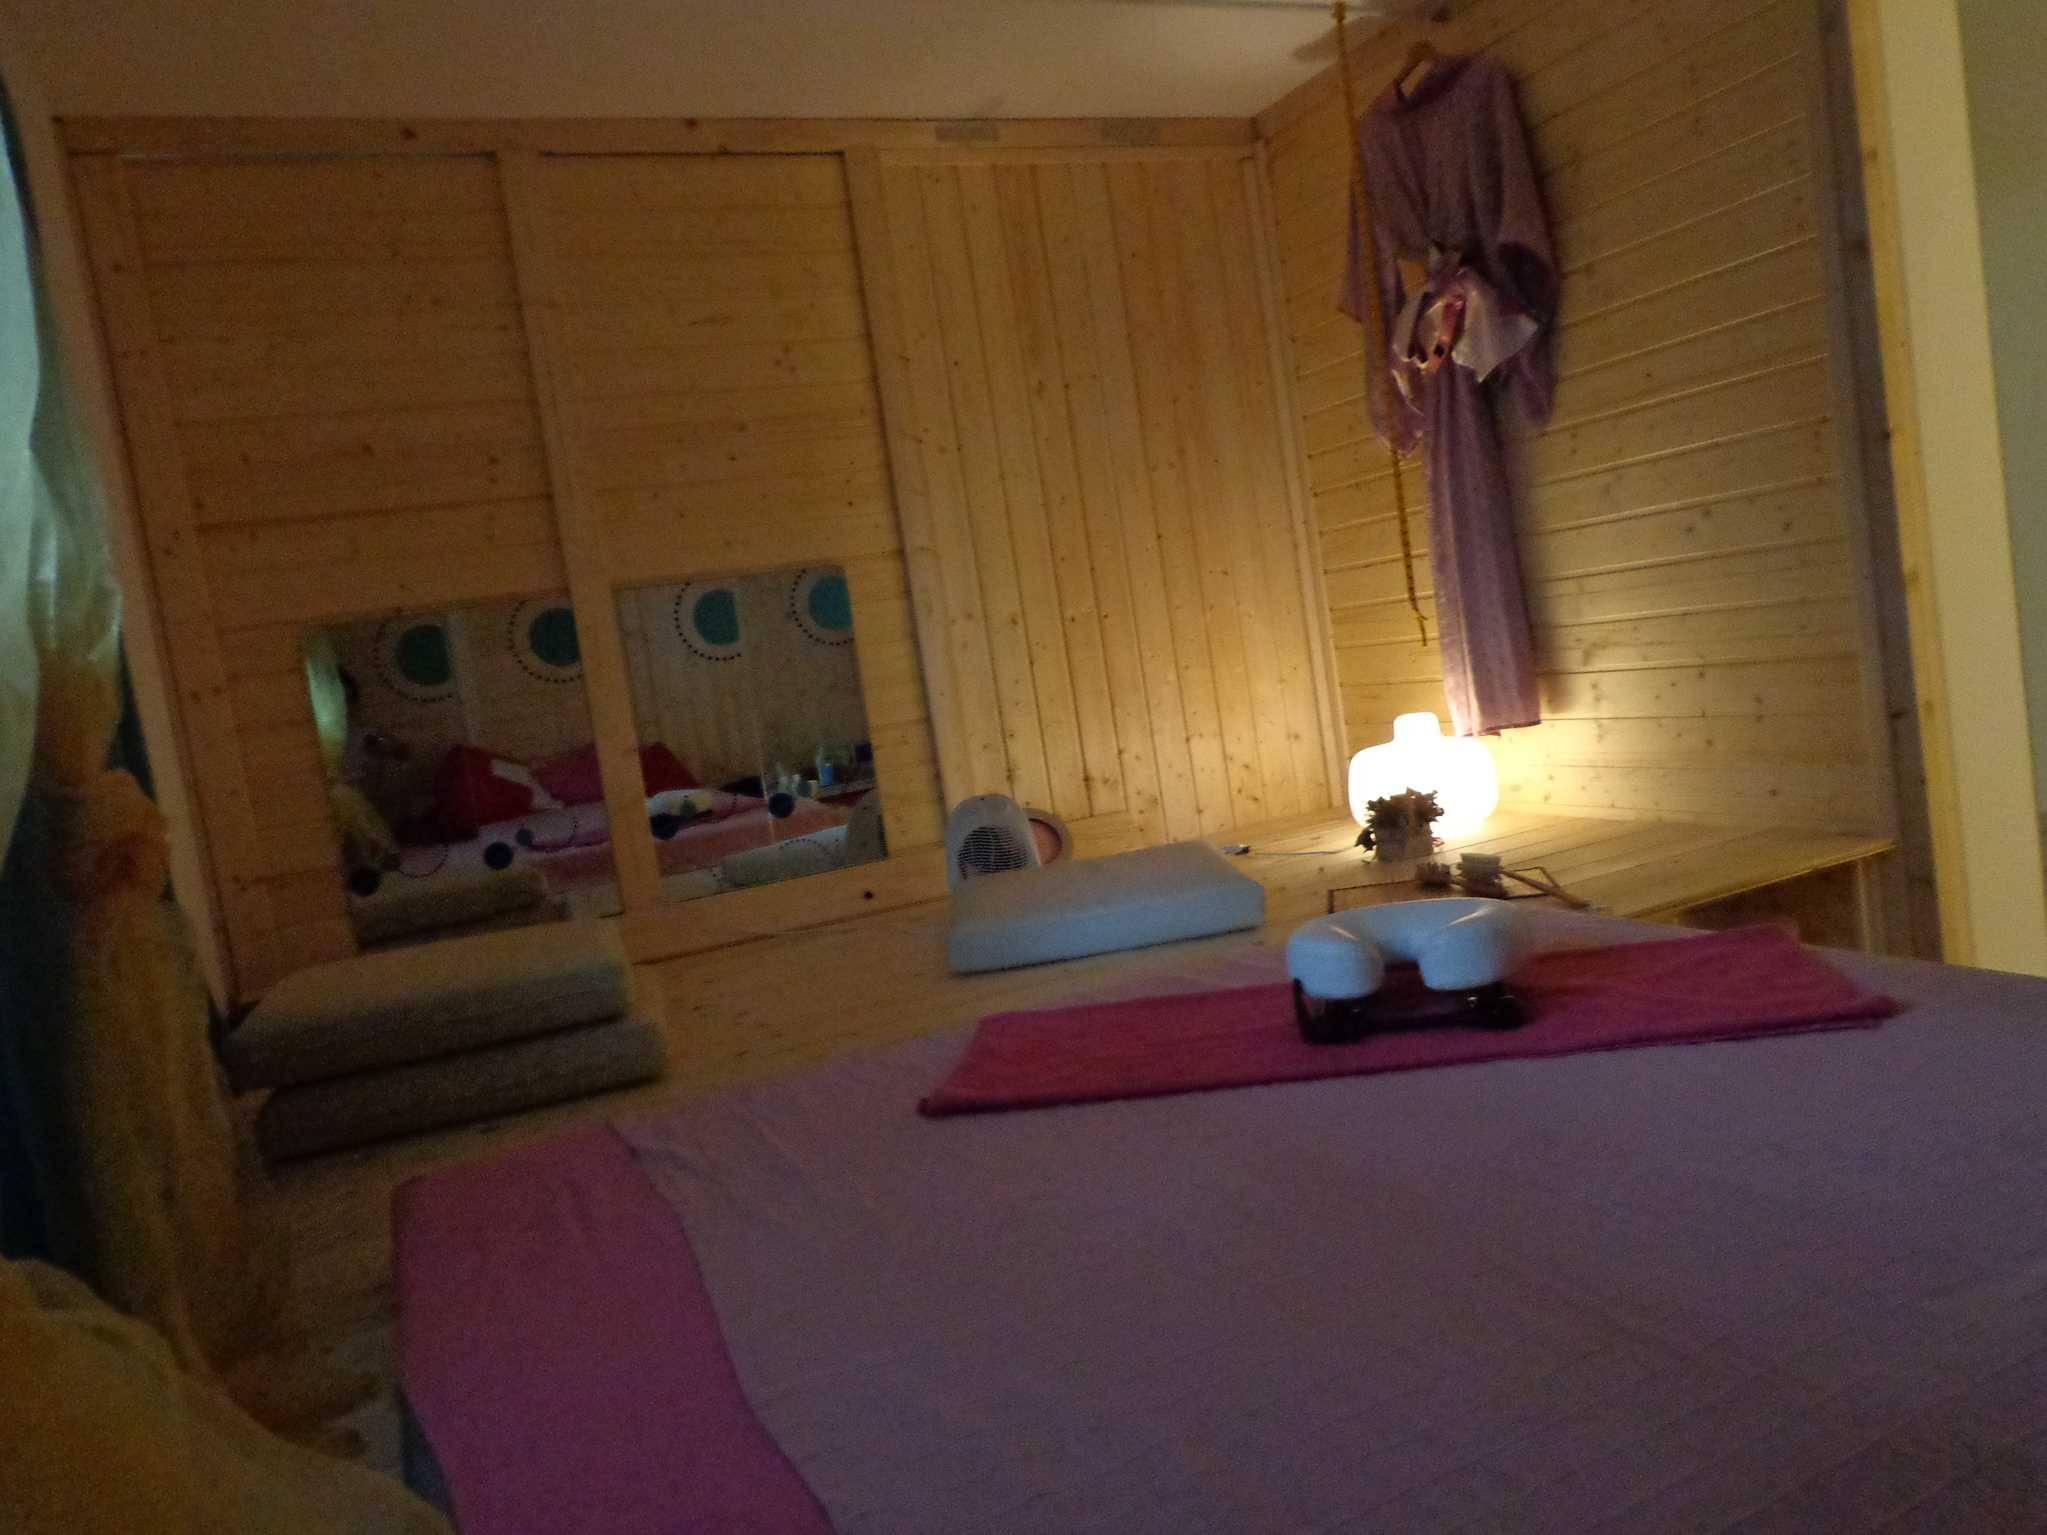 Nuru Body To Body Massage -Erotike Sinnliche Genu-Jp -6739